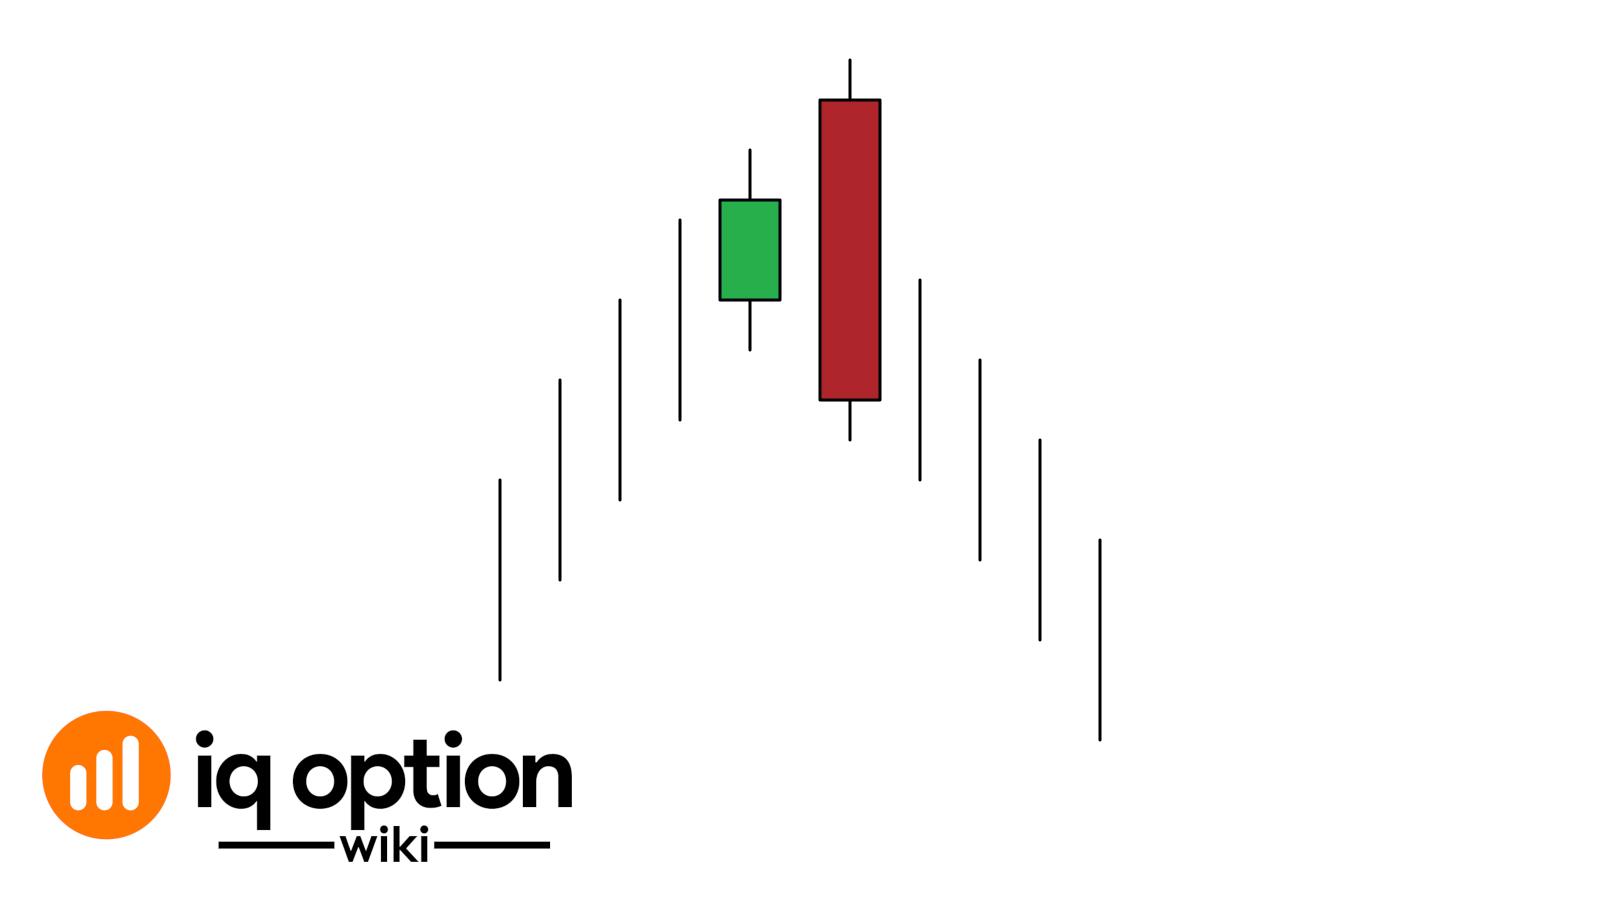 bearish engulfing pattern iq option